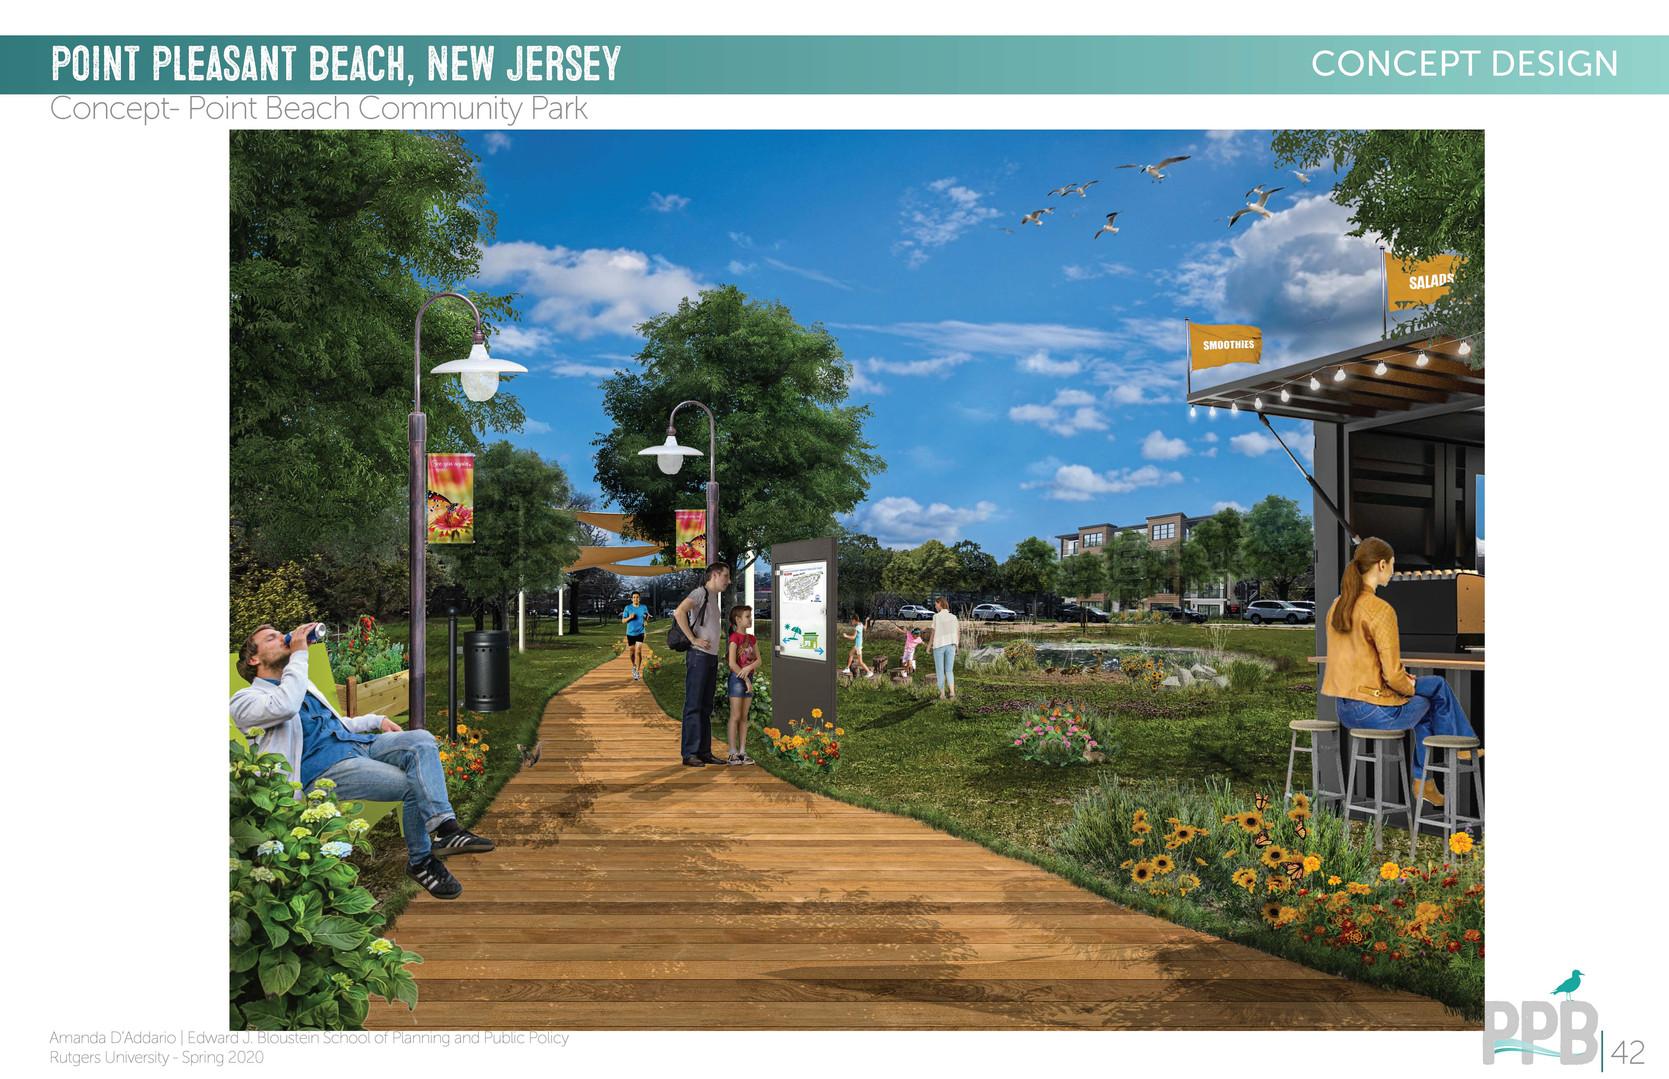 Point Pleasant Beach Final_Page_42.jpg